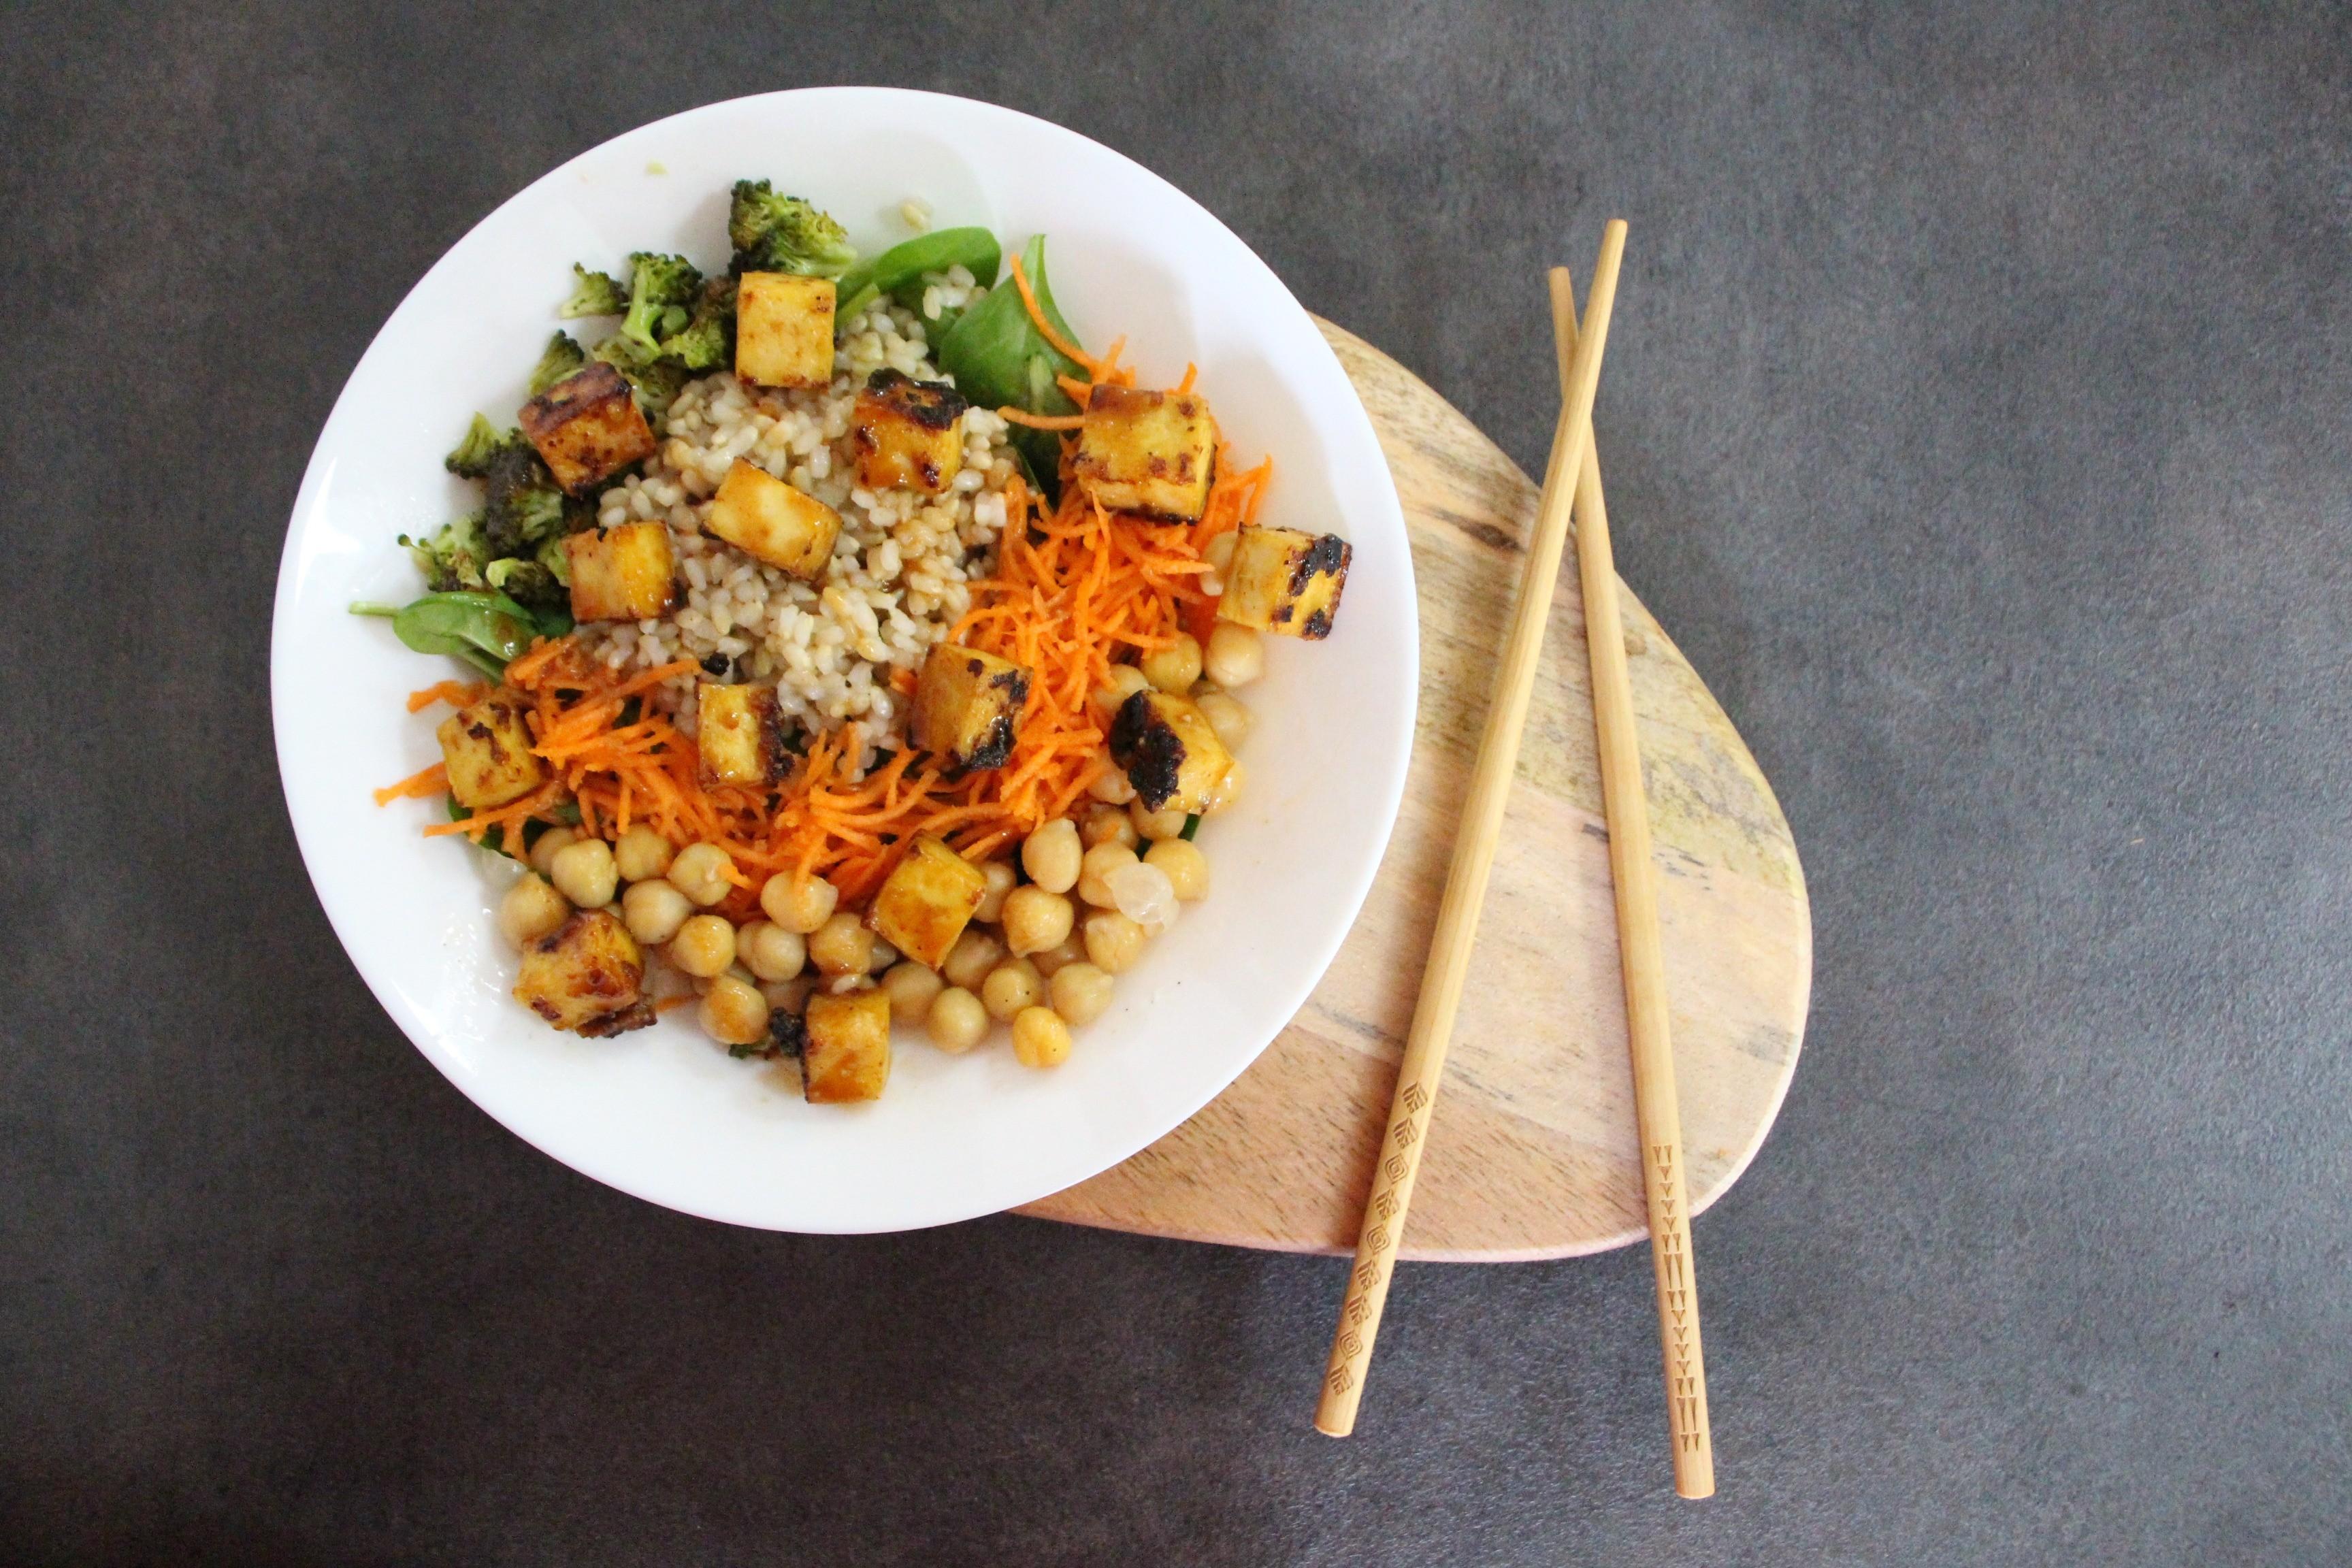 Brzi ručak ili Zdjelica tofua – Dan 9.